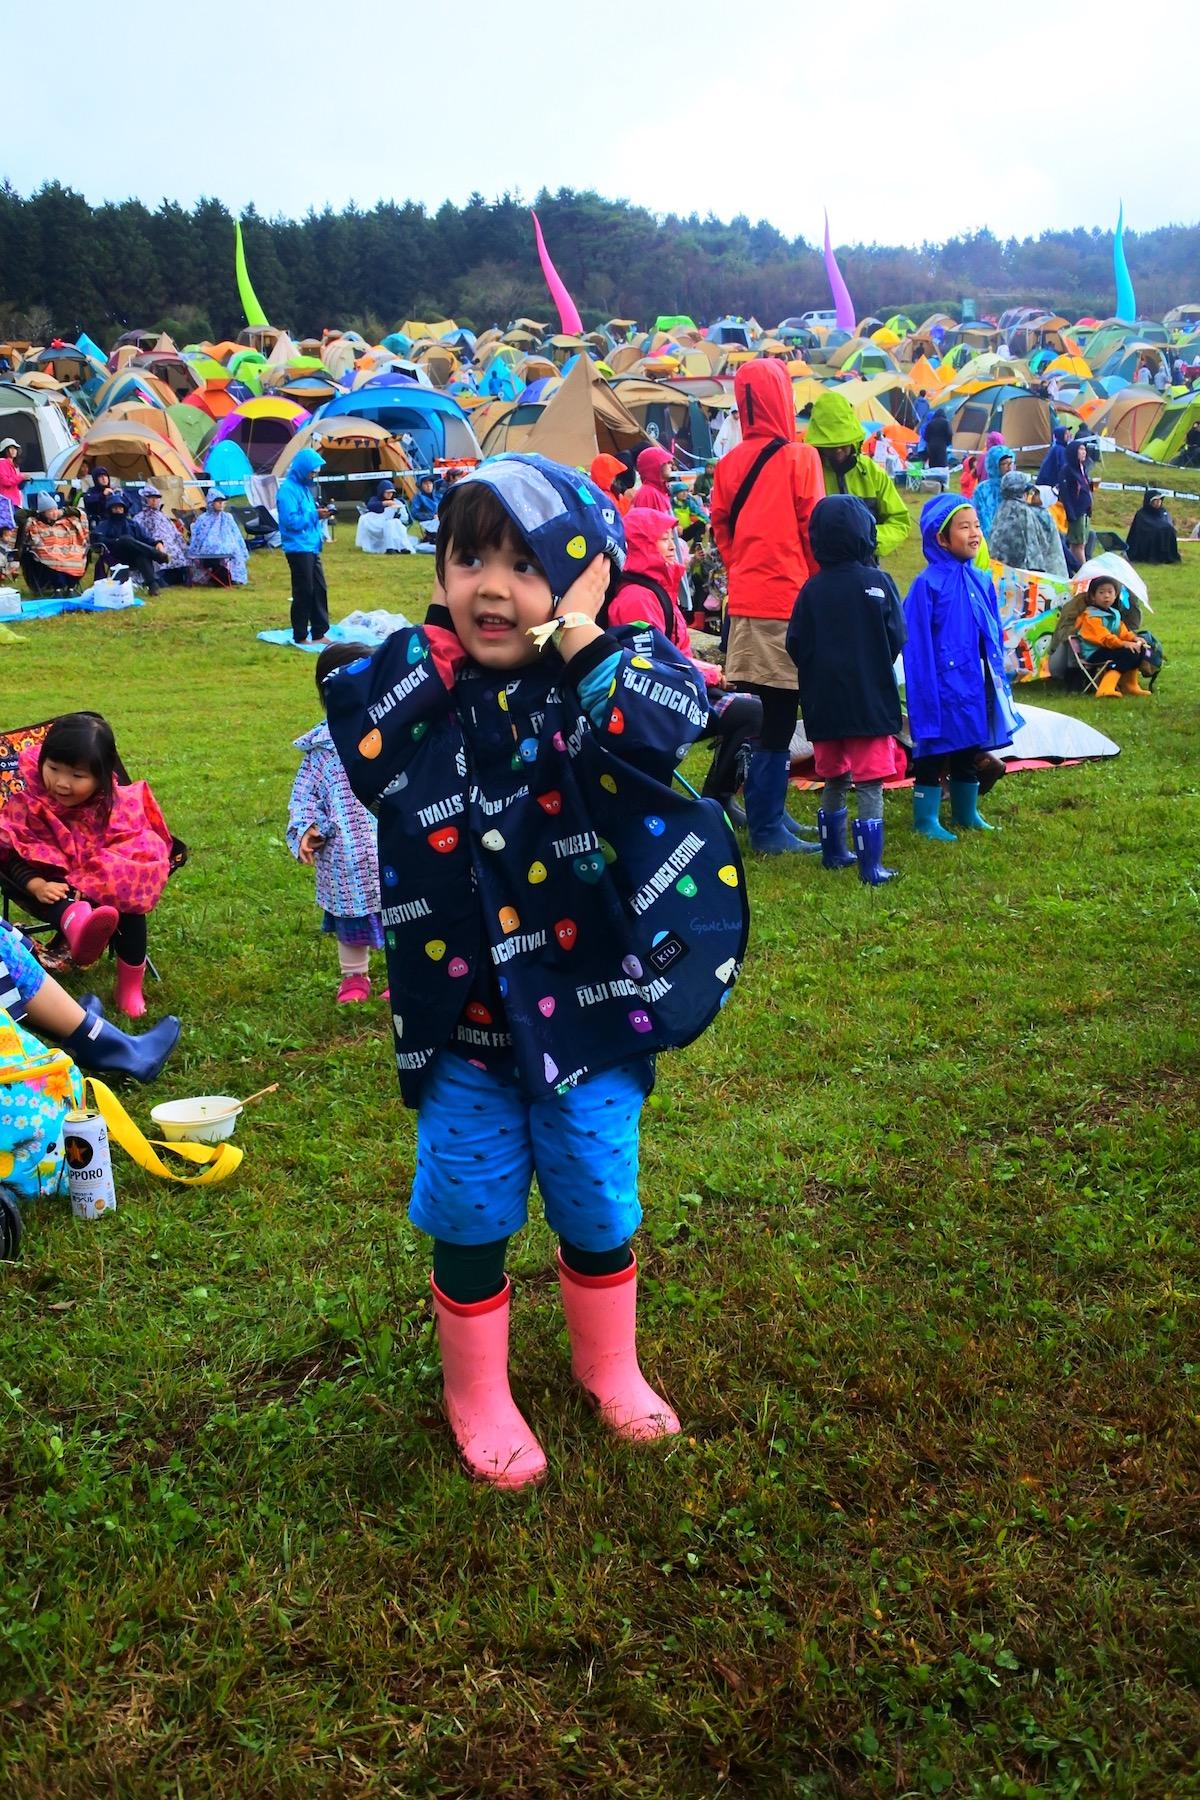 107 【こどもフジロック】朝霧Jam'18子連れフェス体験記〜3歳児とのキャンプ・イン・フェスの過ごし方〜